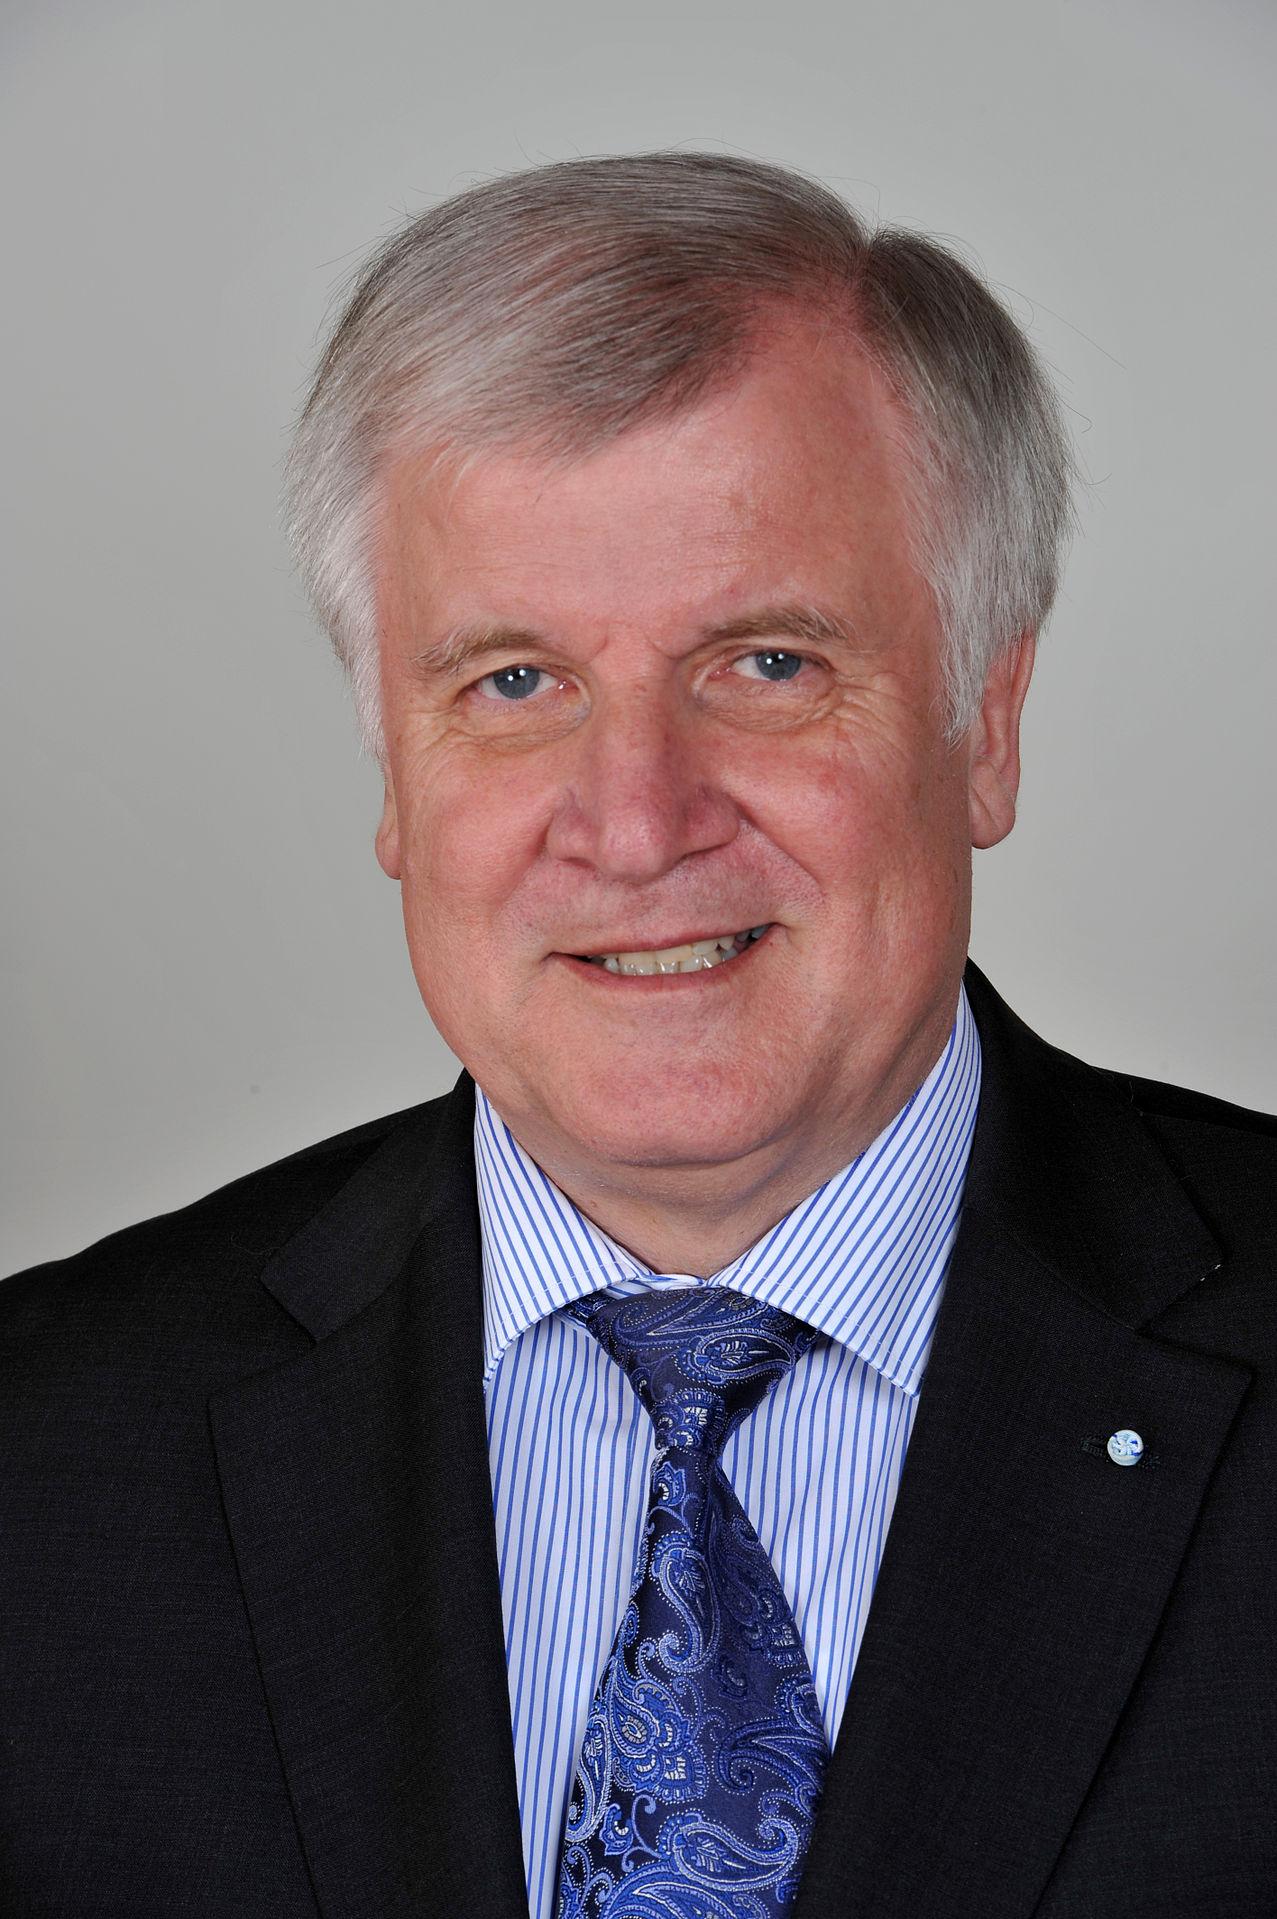 Horst Seehofer (2012)Ralf Roletschek • CC BY-SA 3.0 de